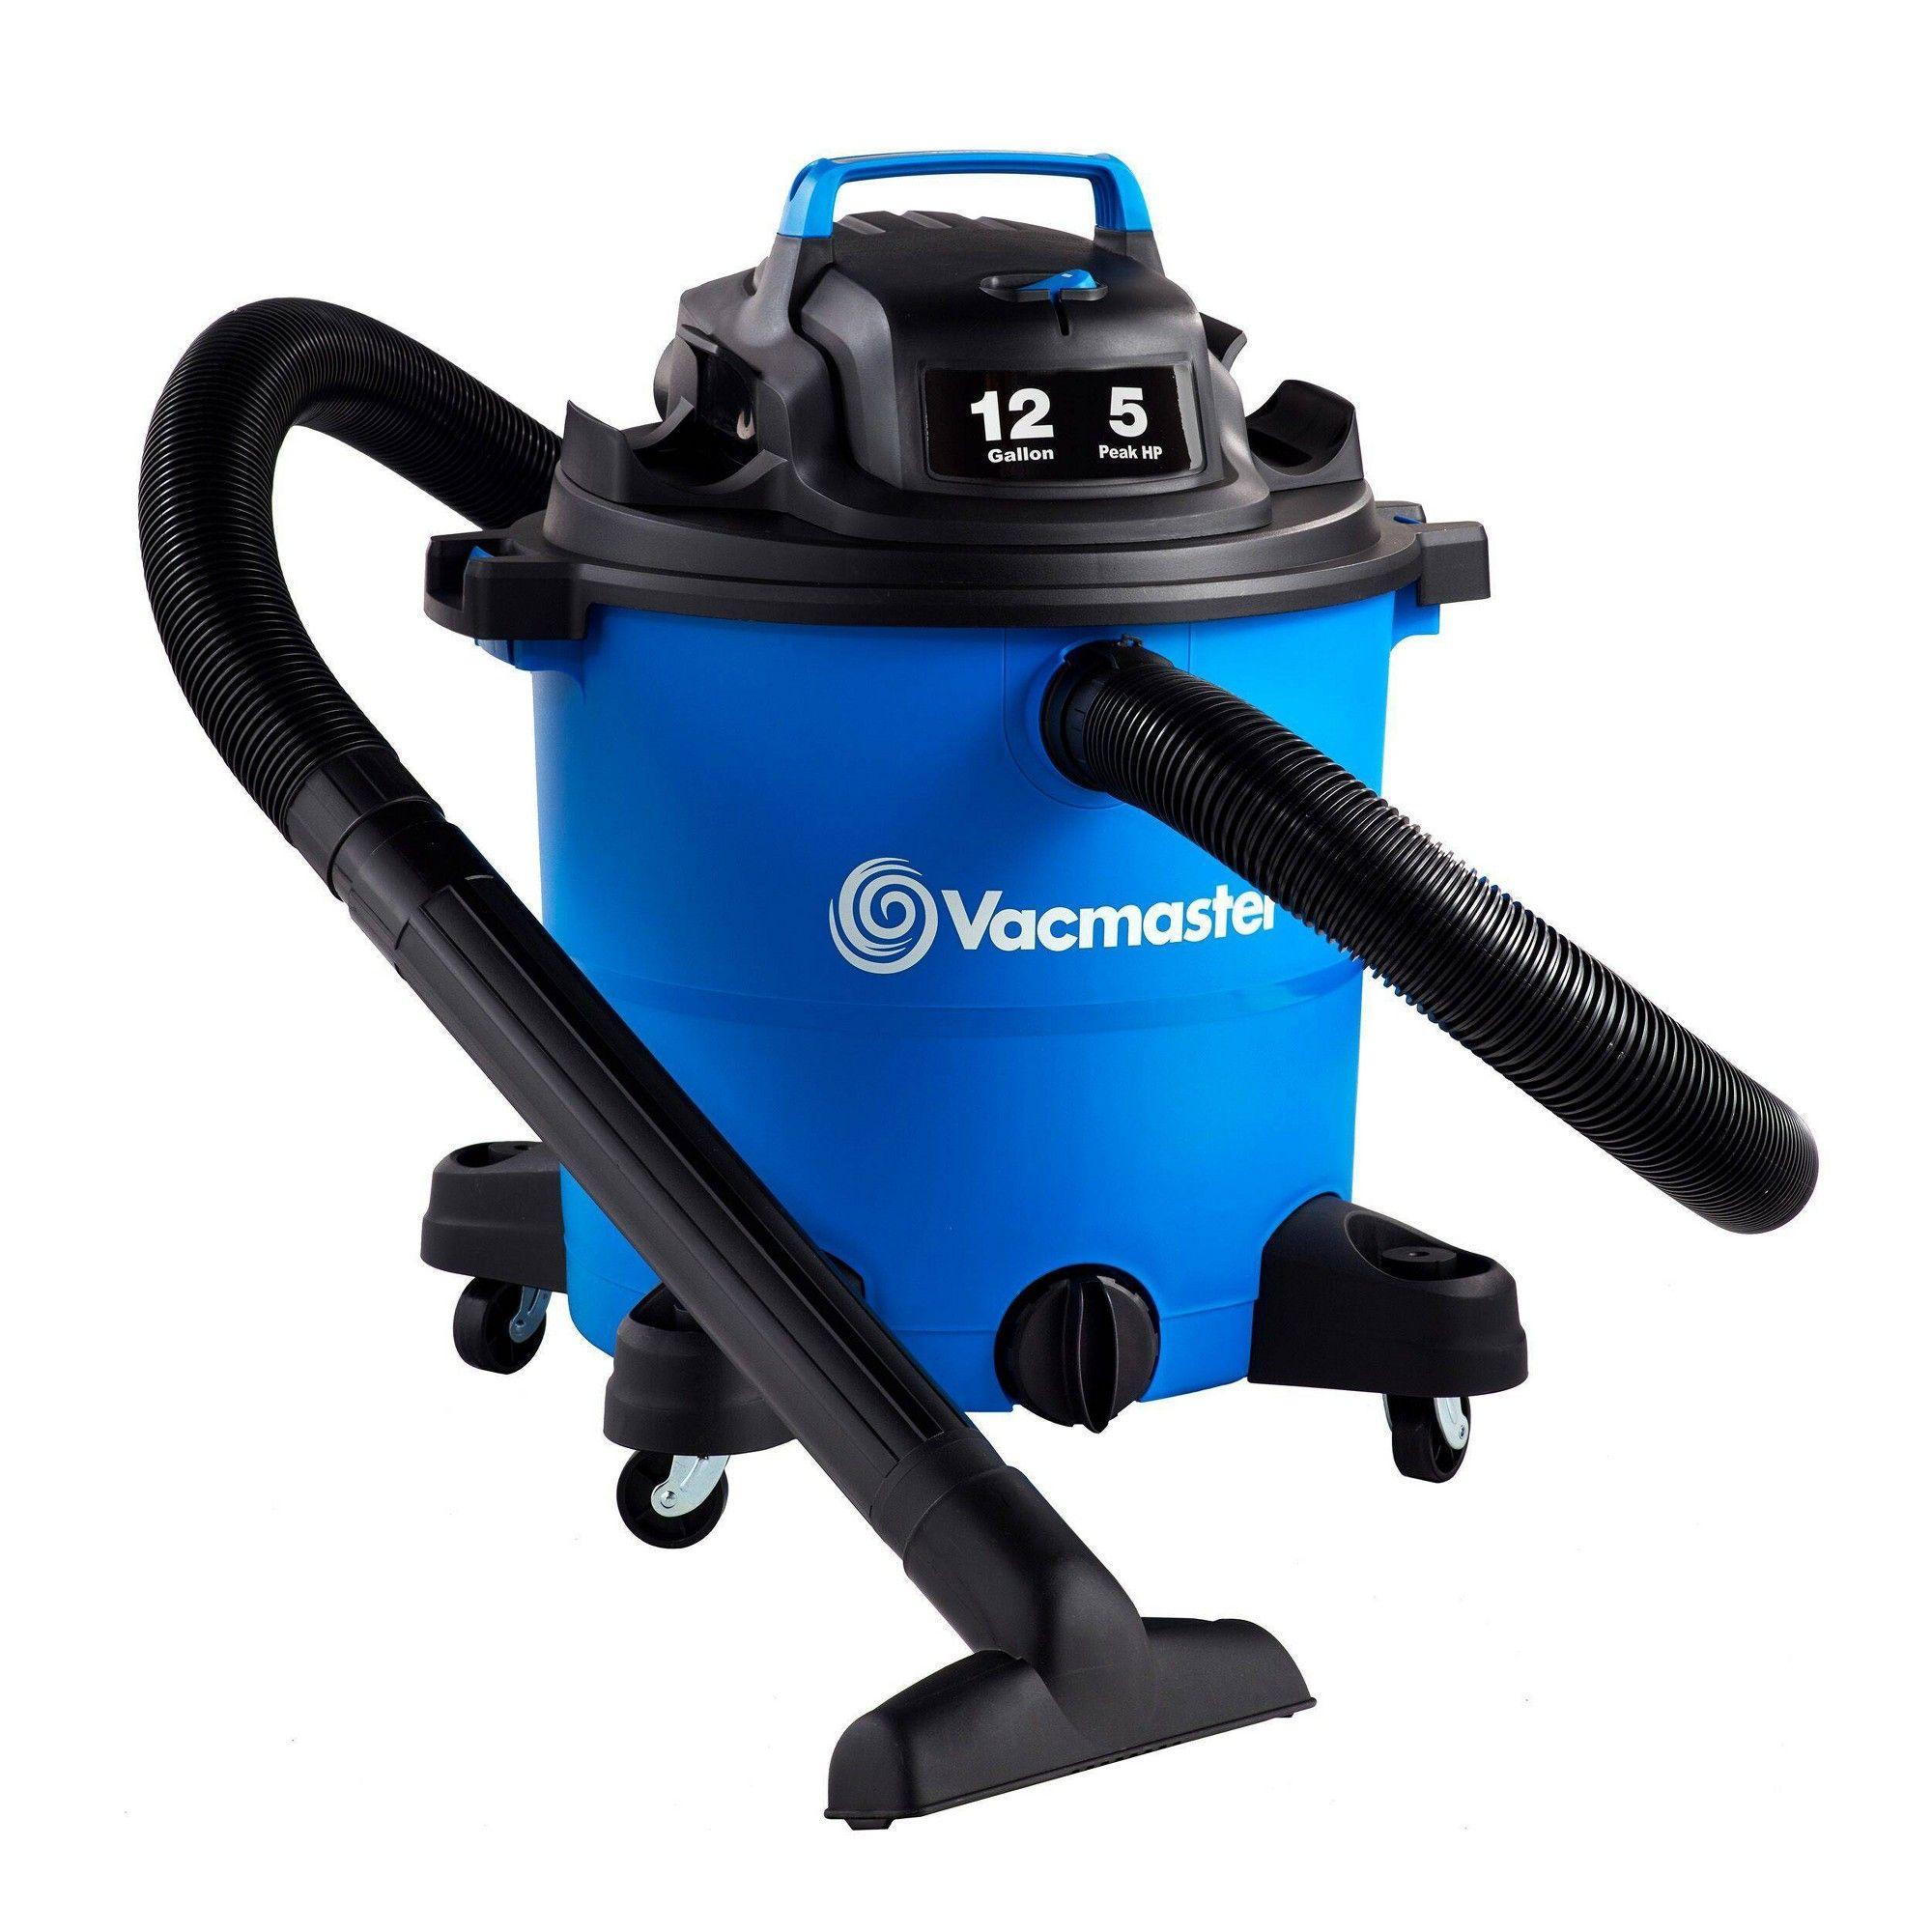 Vacmaster 12gal 5 Peak HP Wet/Dry Vacuum Cleaner Wet dry